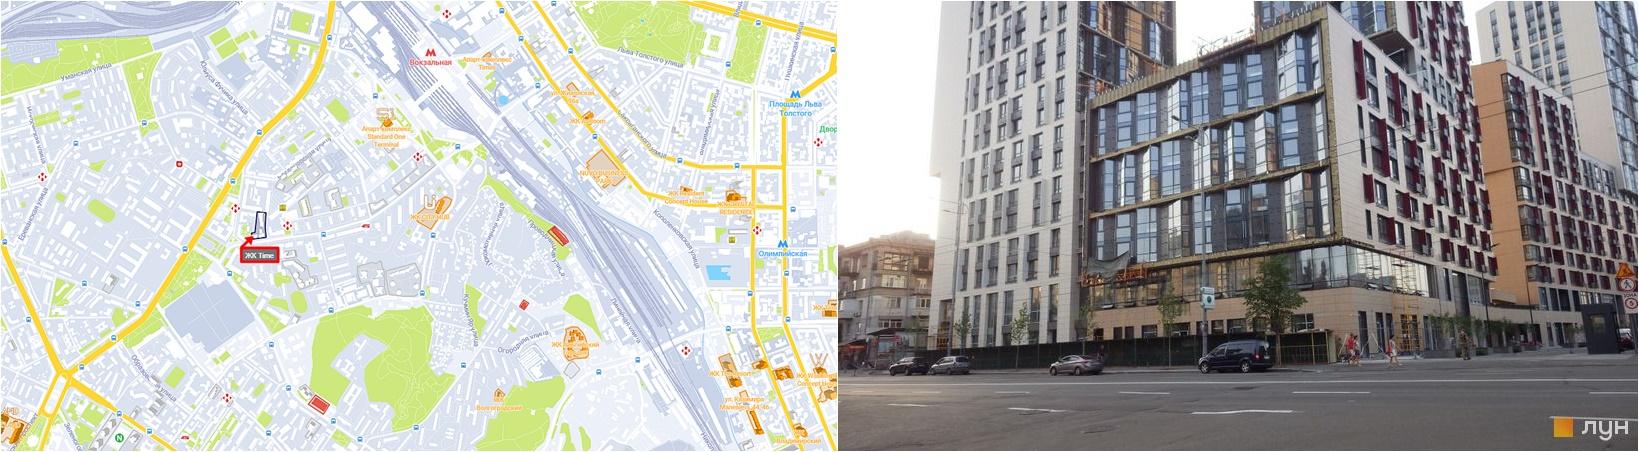 ЖК Тайм на карте и вид на стройплощадку